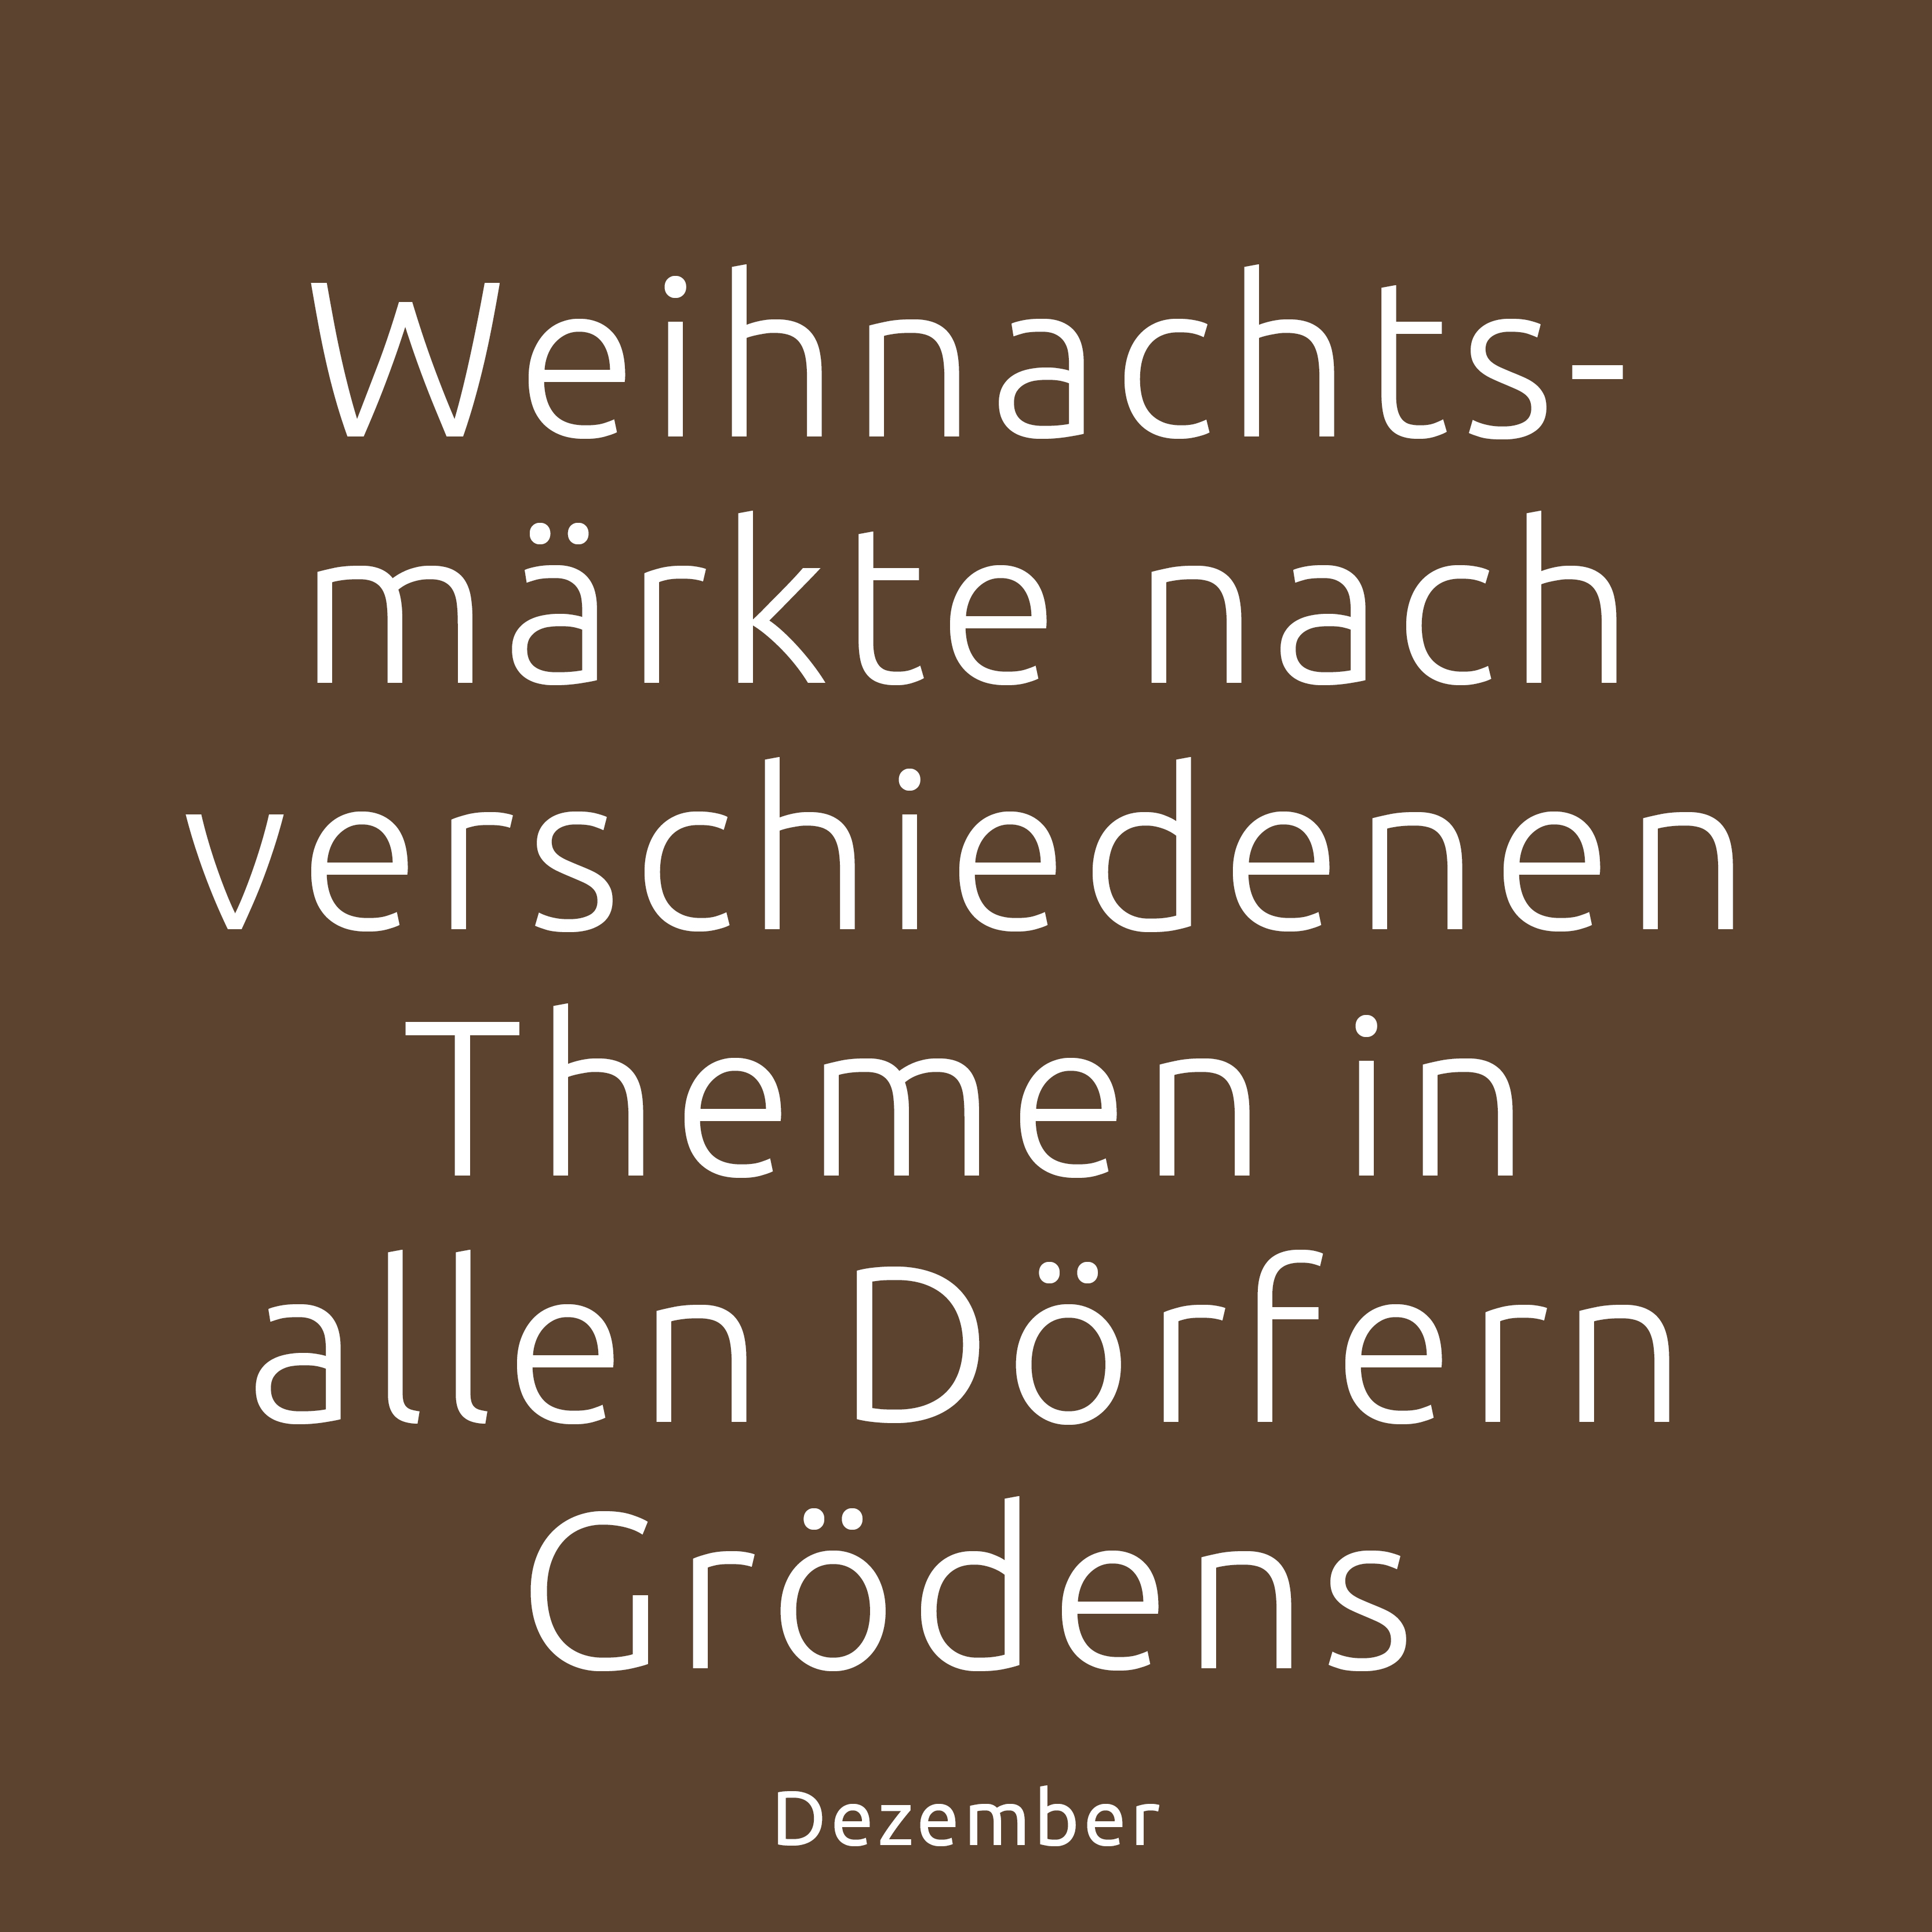 Weihnachtsmärkte nach verschiedenen Themen in allen Dörfern Grödens